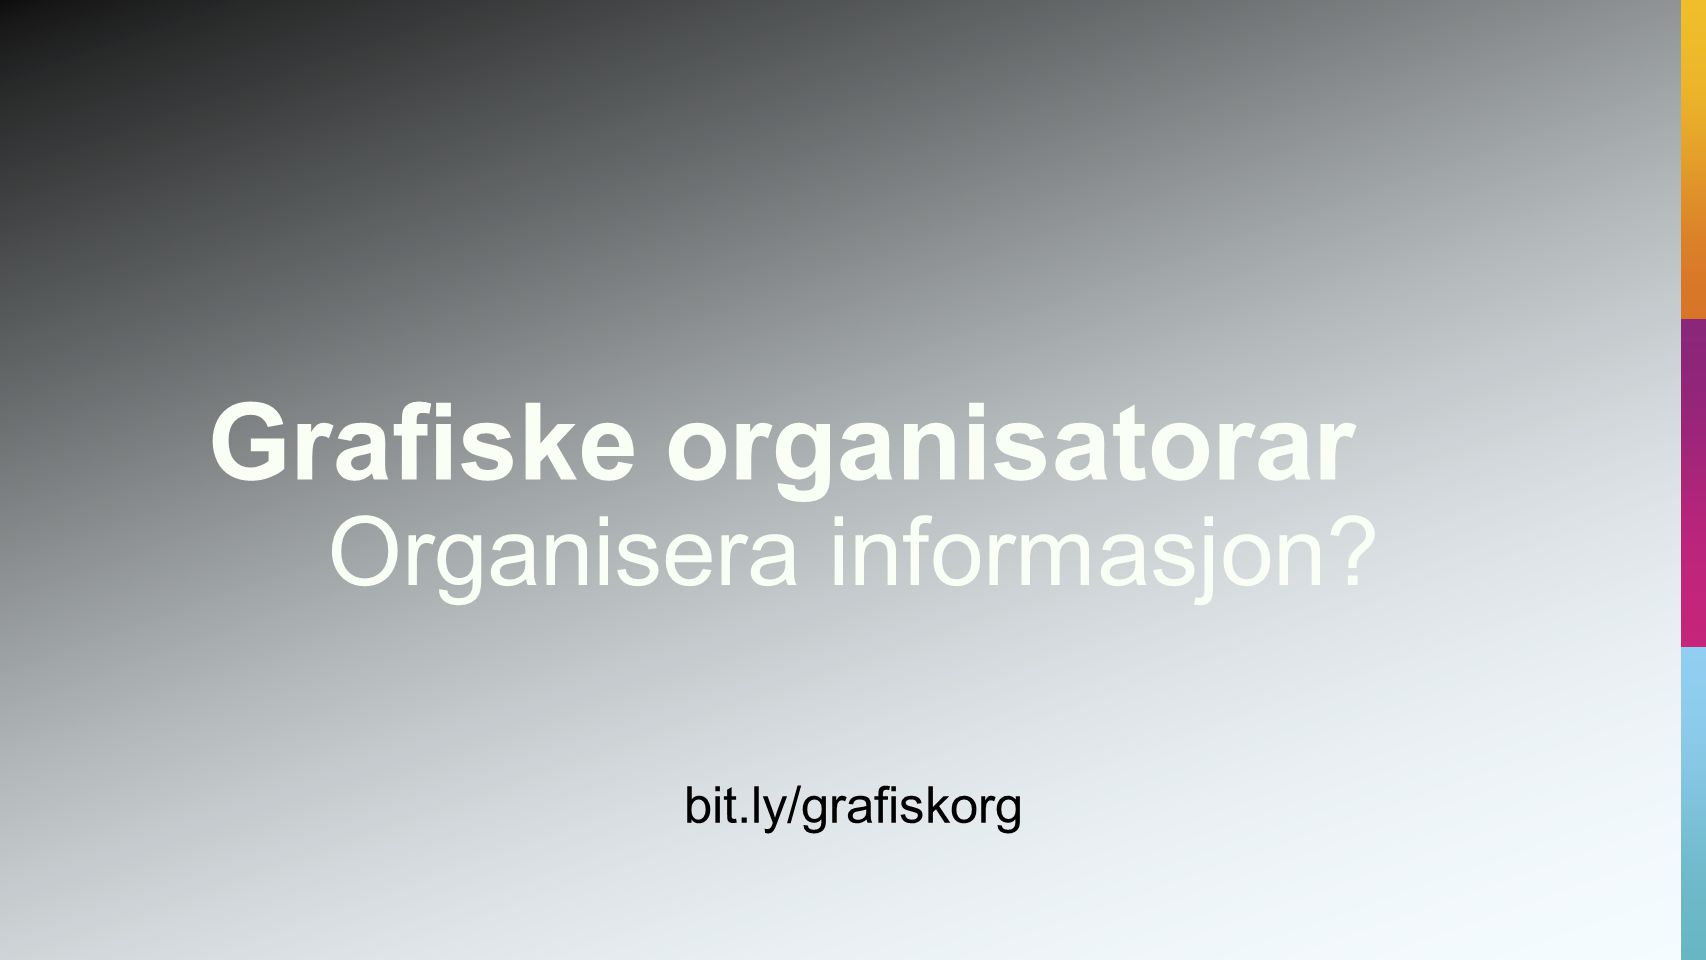 Organisera informasjon bit.ly/grafiskorg